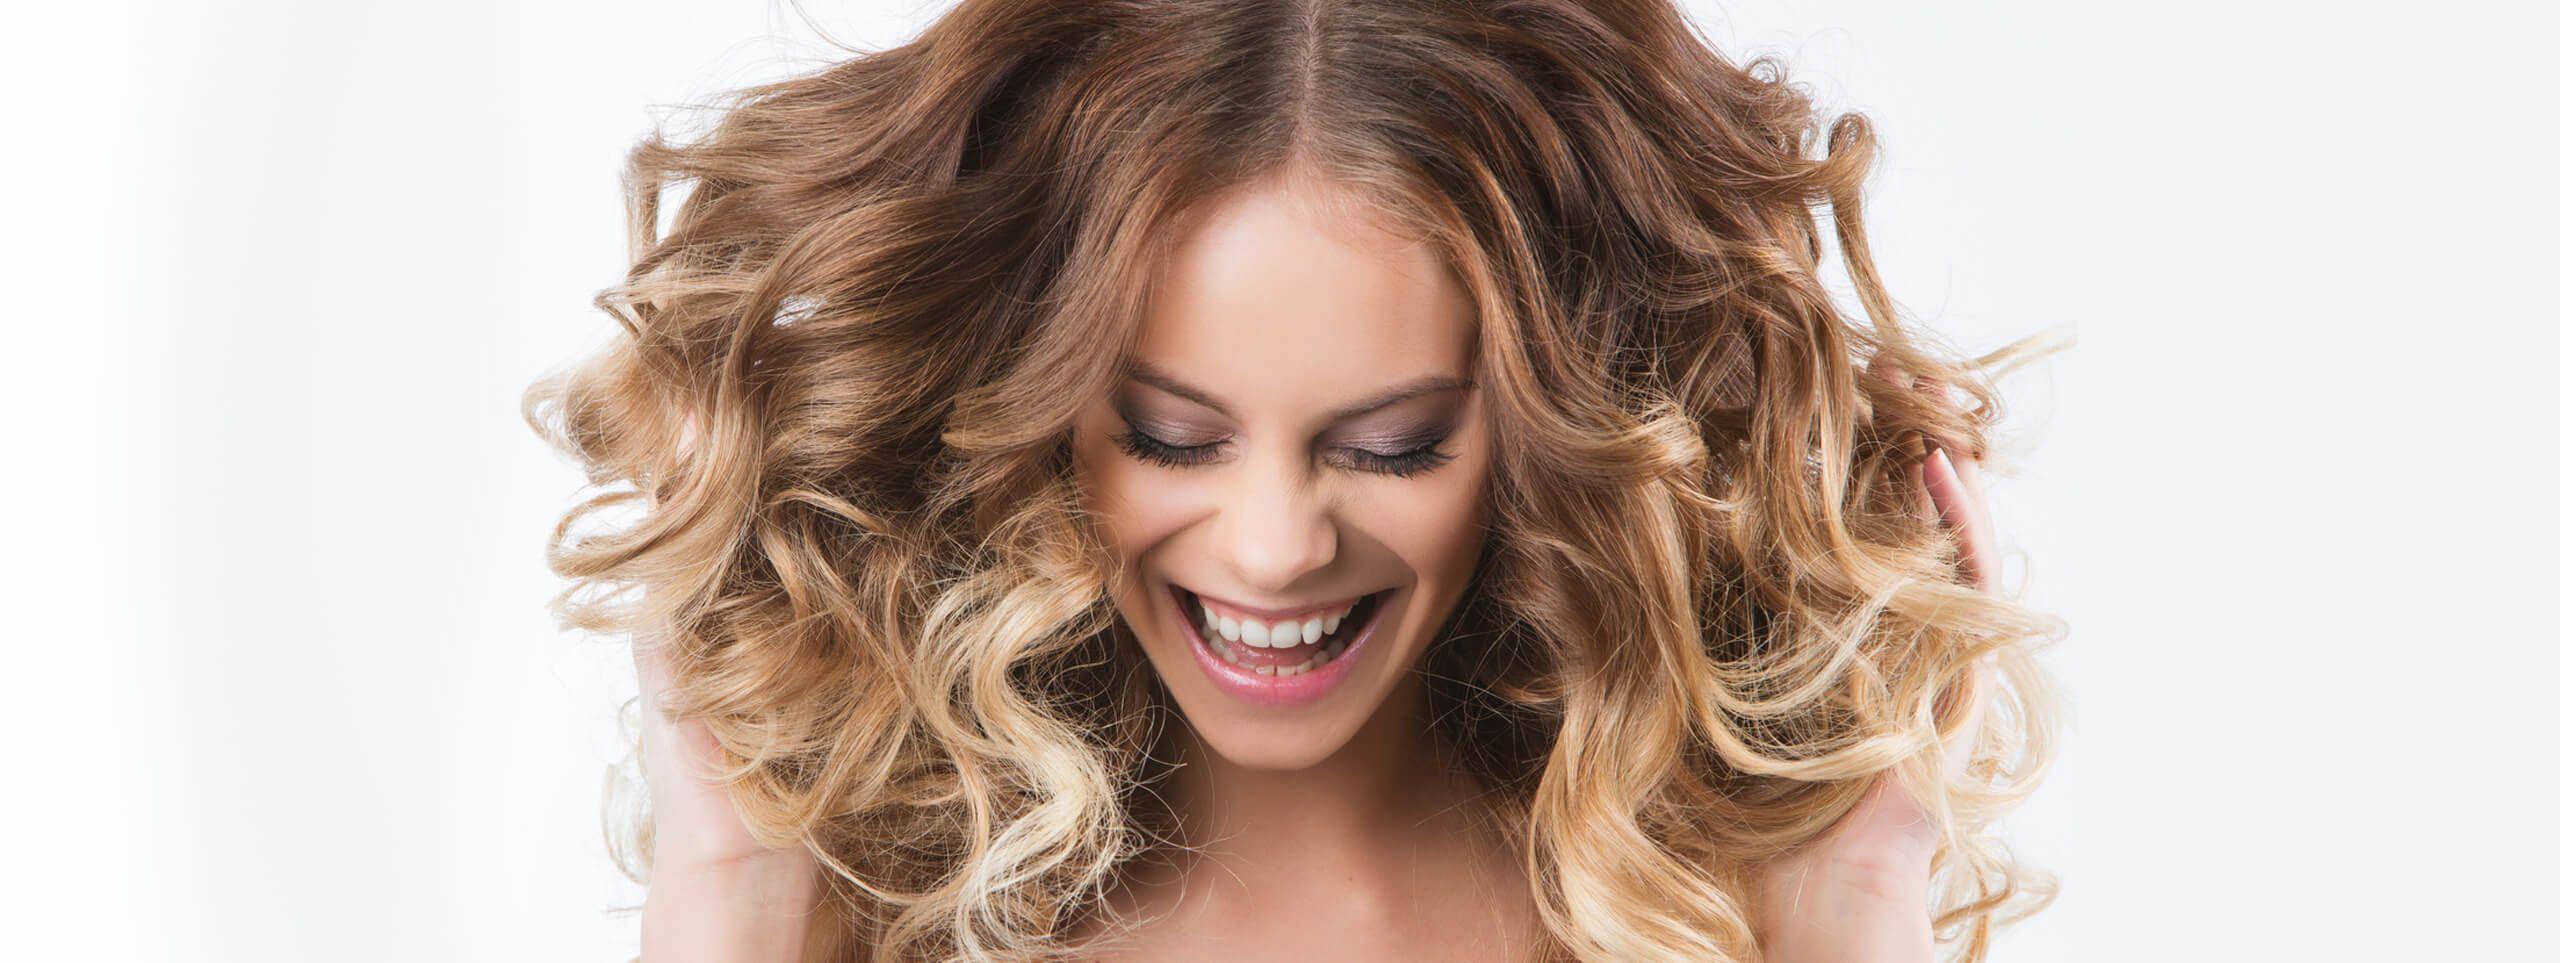 Śmiejąca się kobieta z gęstymi włosami